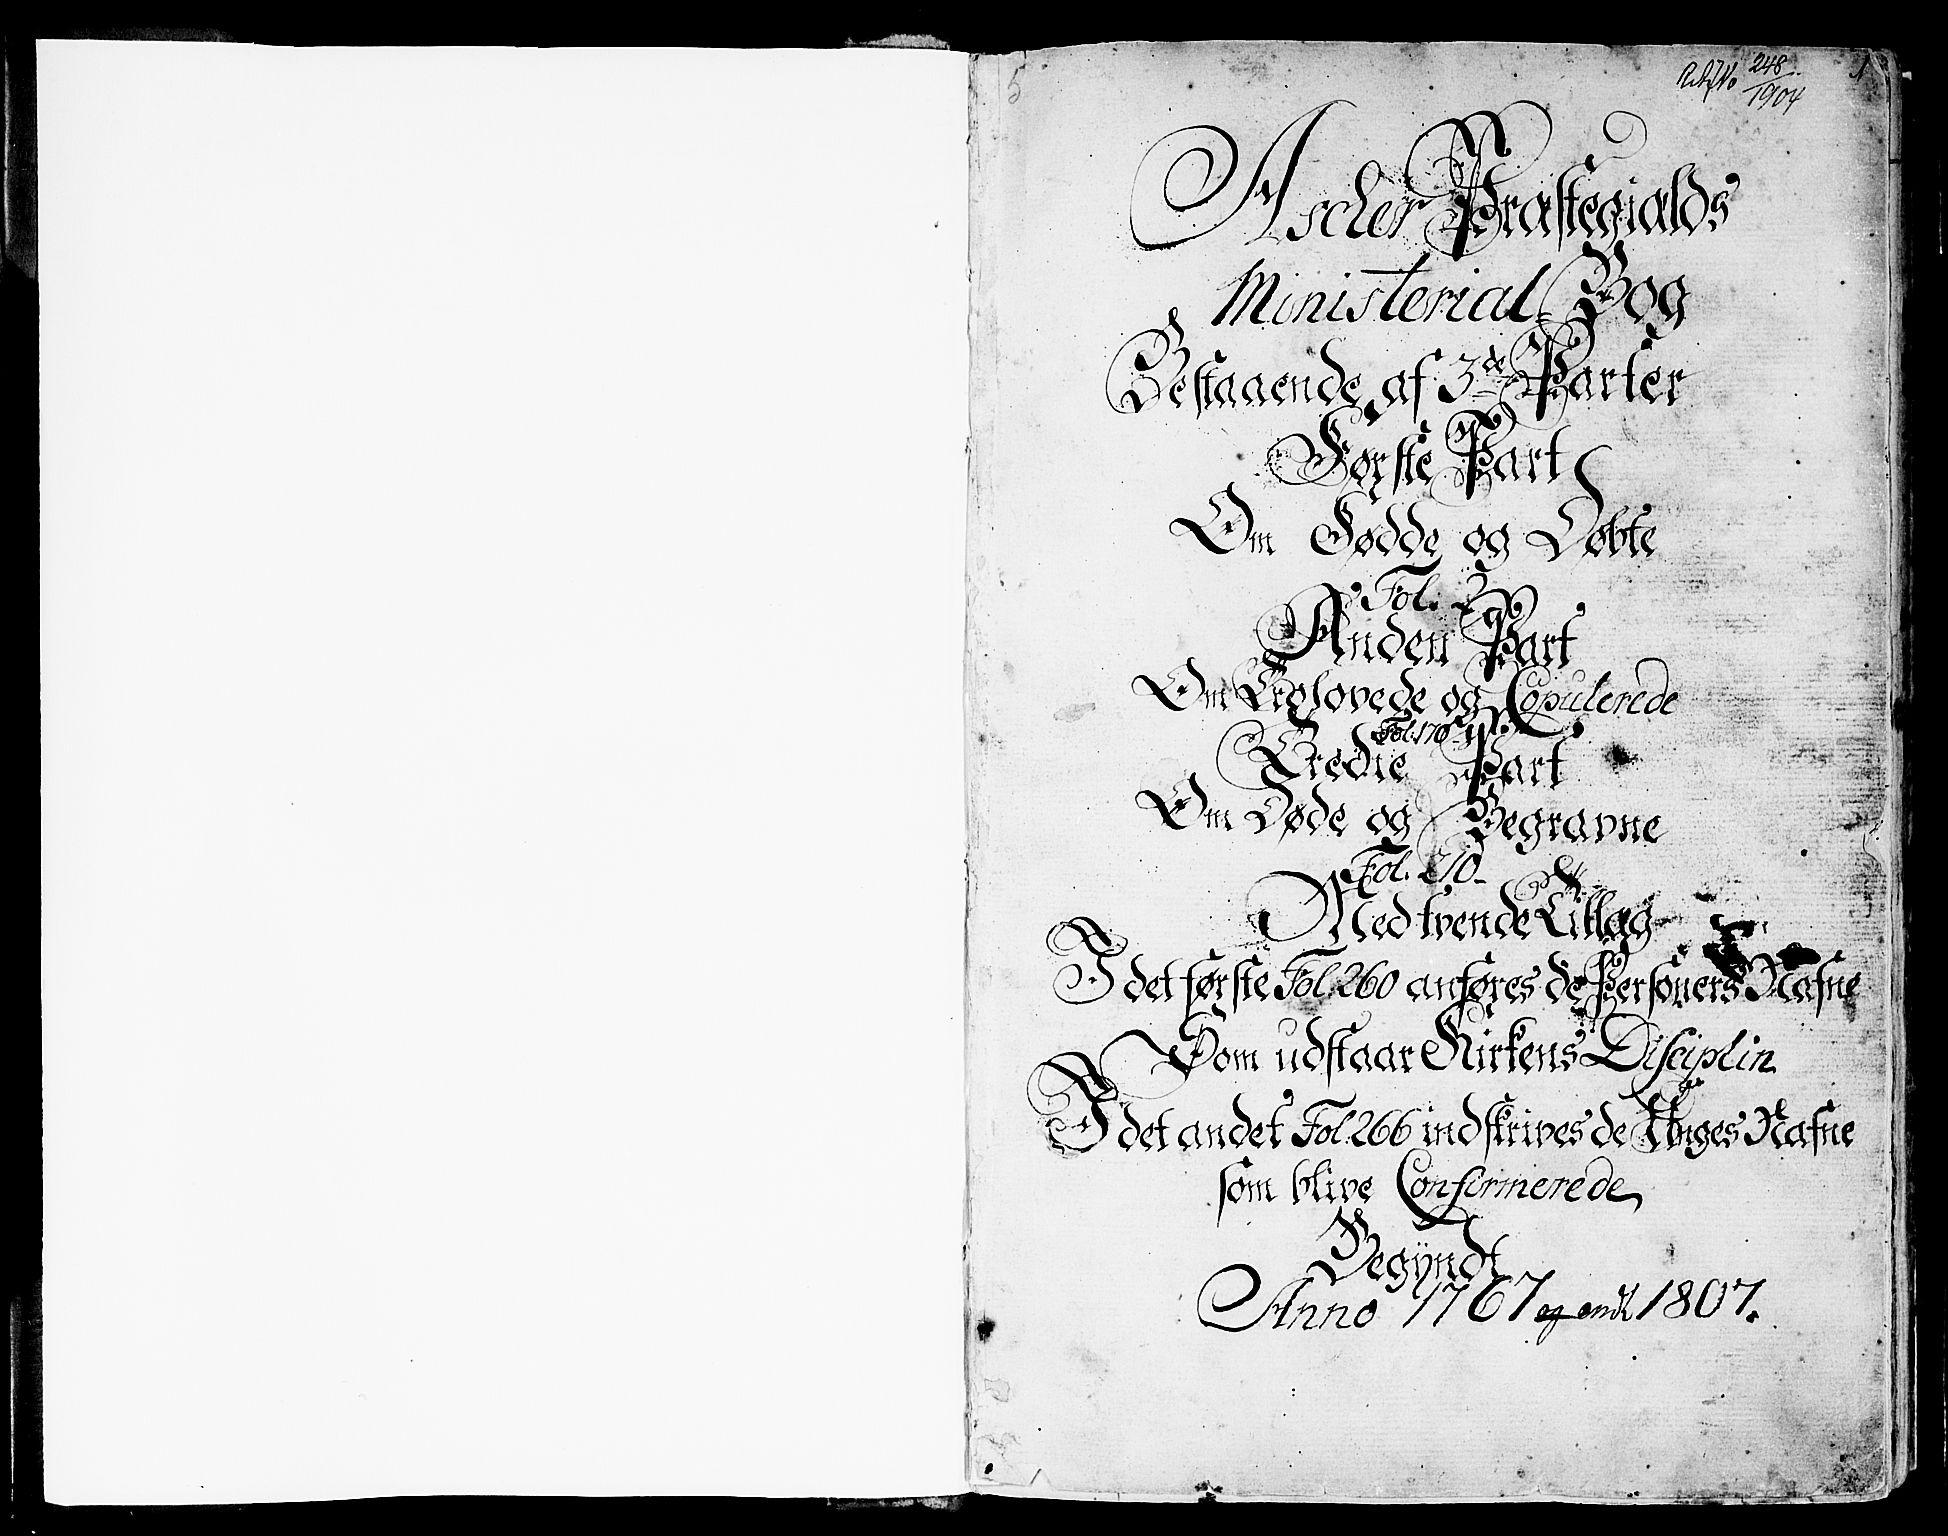 SAO, Asker prestekontor Kirkebøker, F/Fa/L0003: Ministerialbok nr. I 3, 1767-1807, s. 1